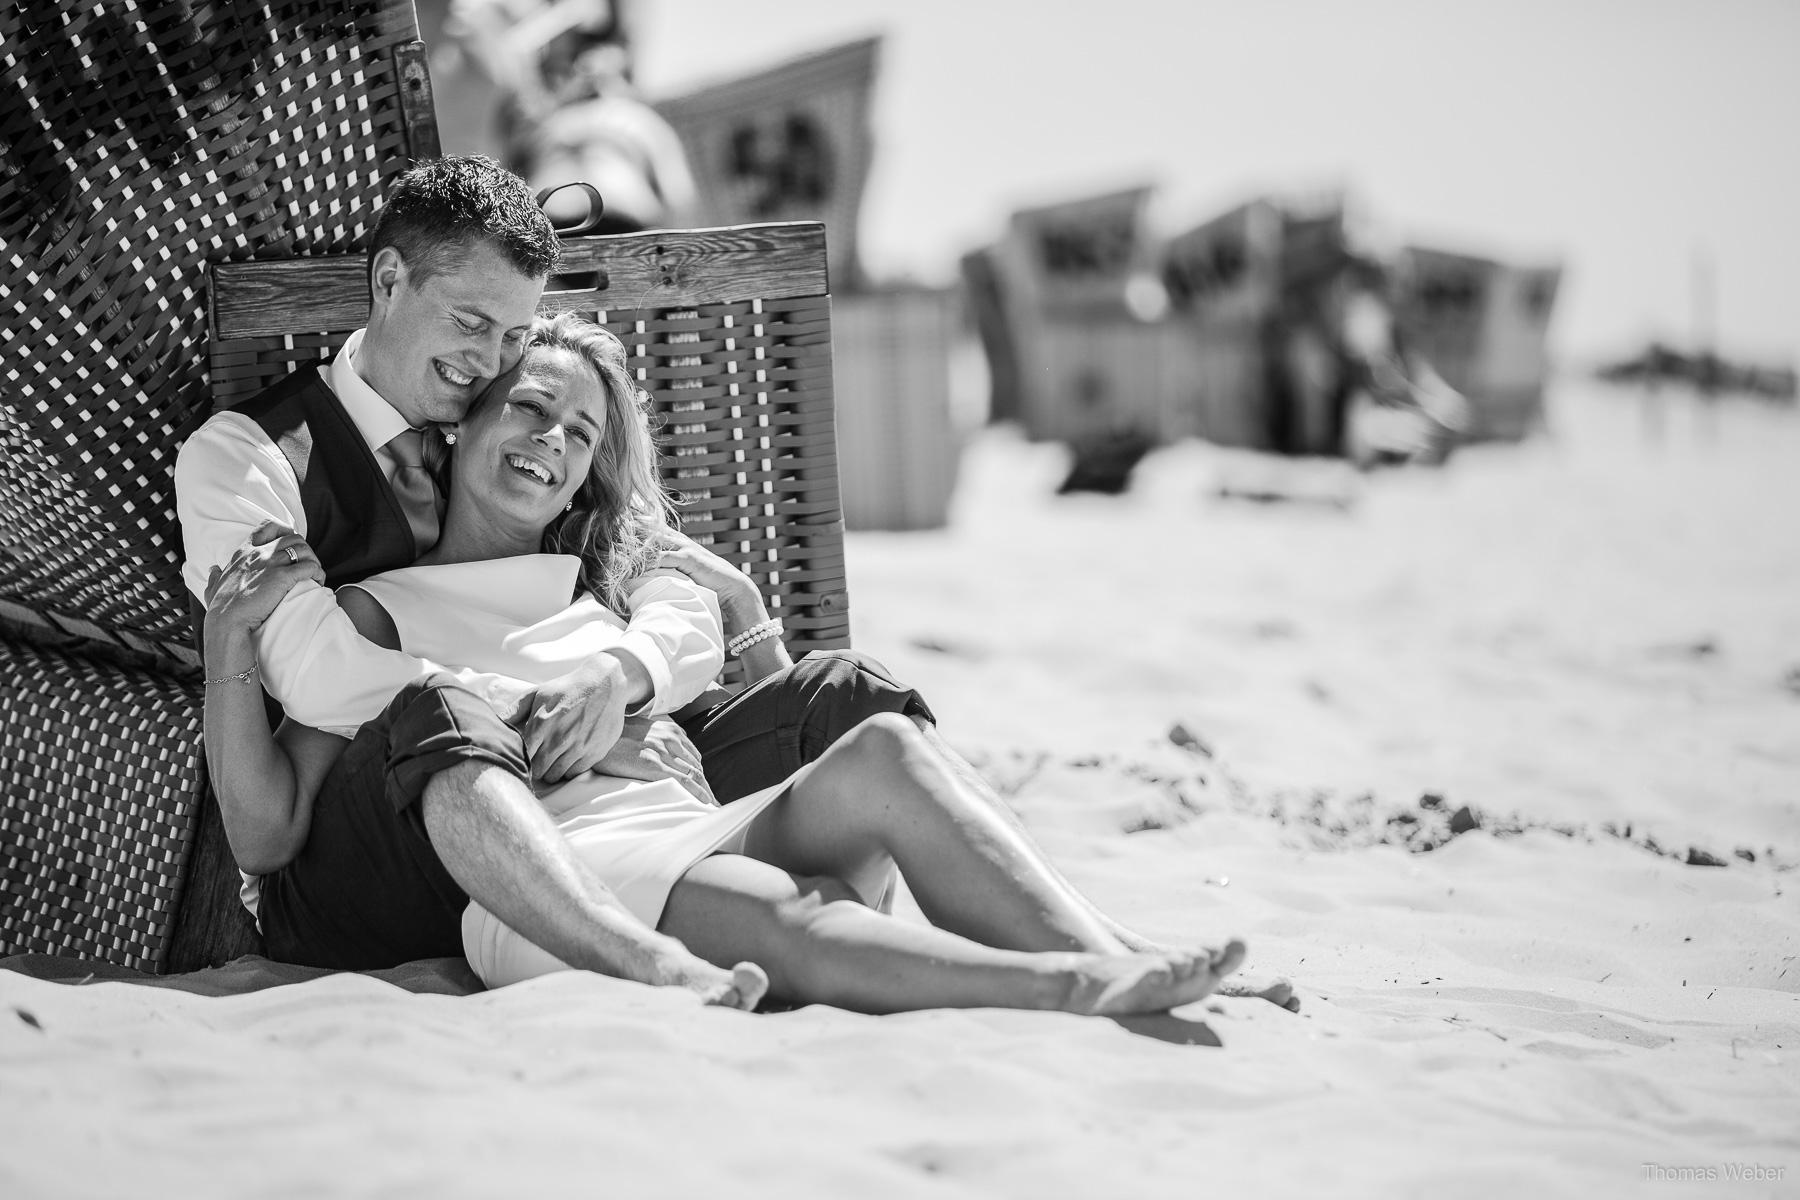 Hochzeitsfotos auf Langeoog vom Hochzeitsfotograf Langeoog, Thomas Weber